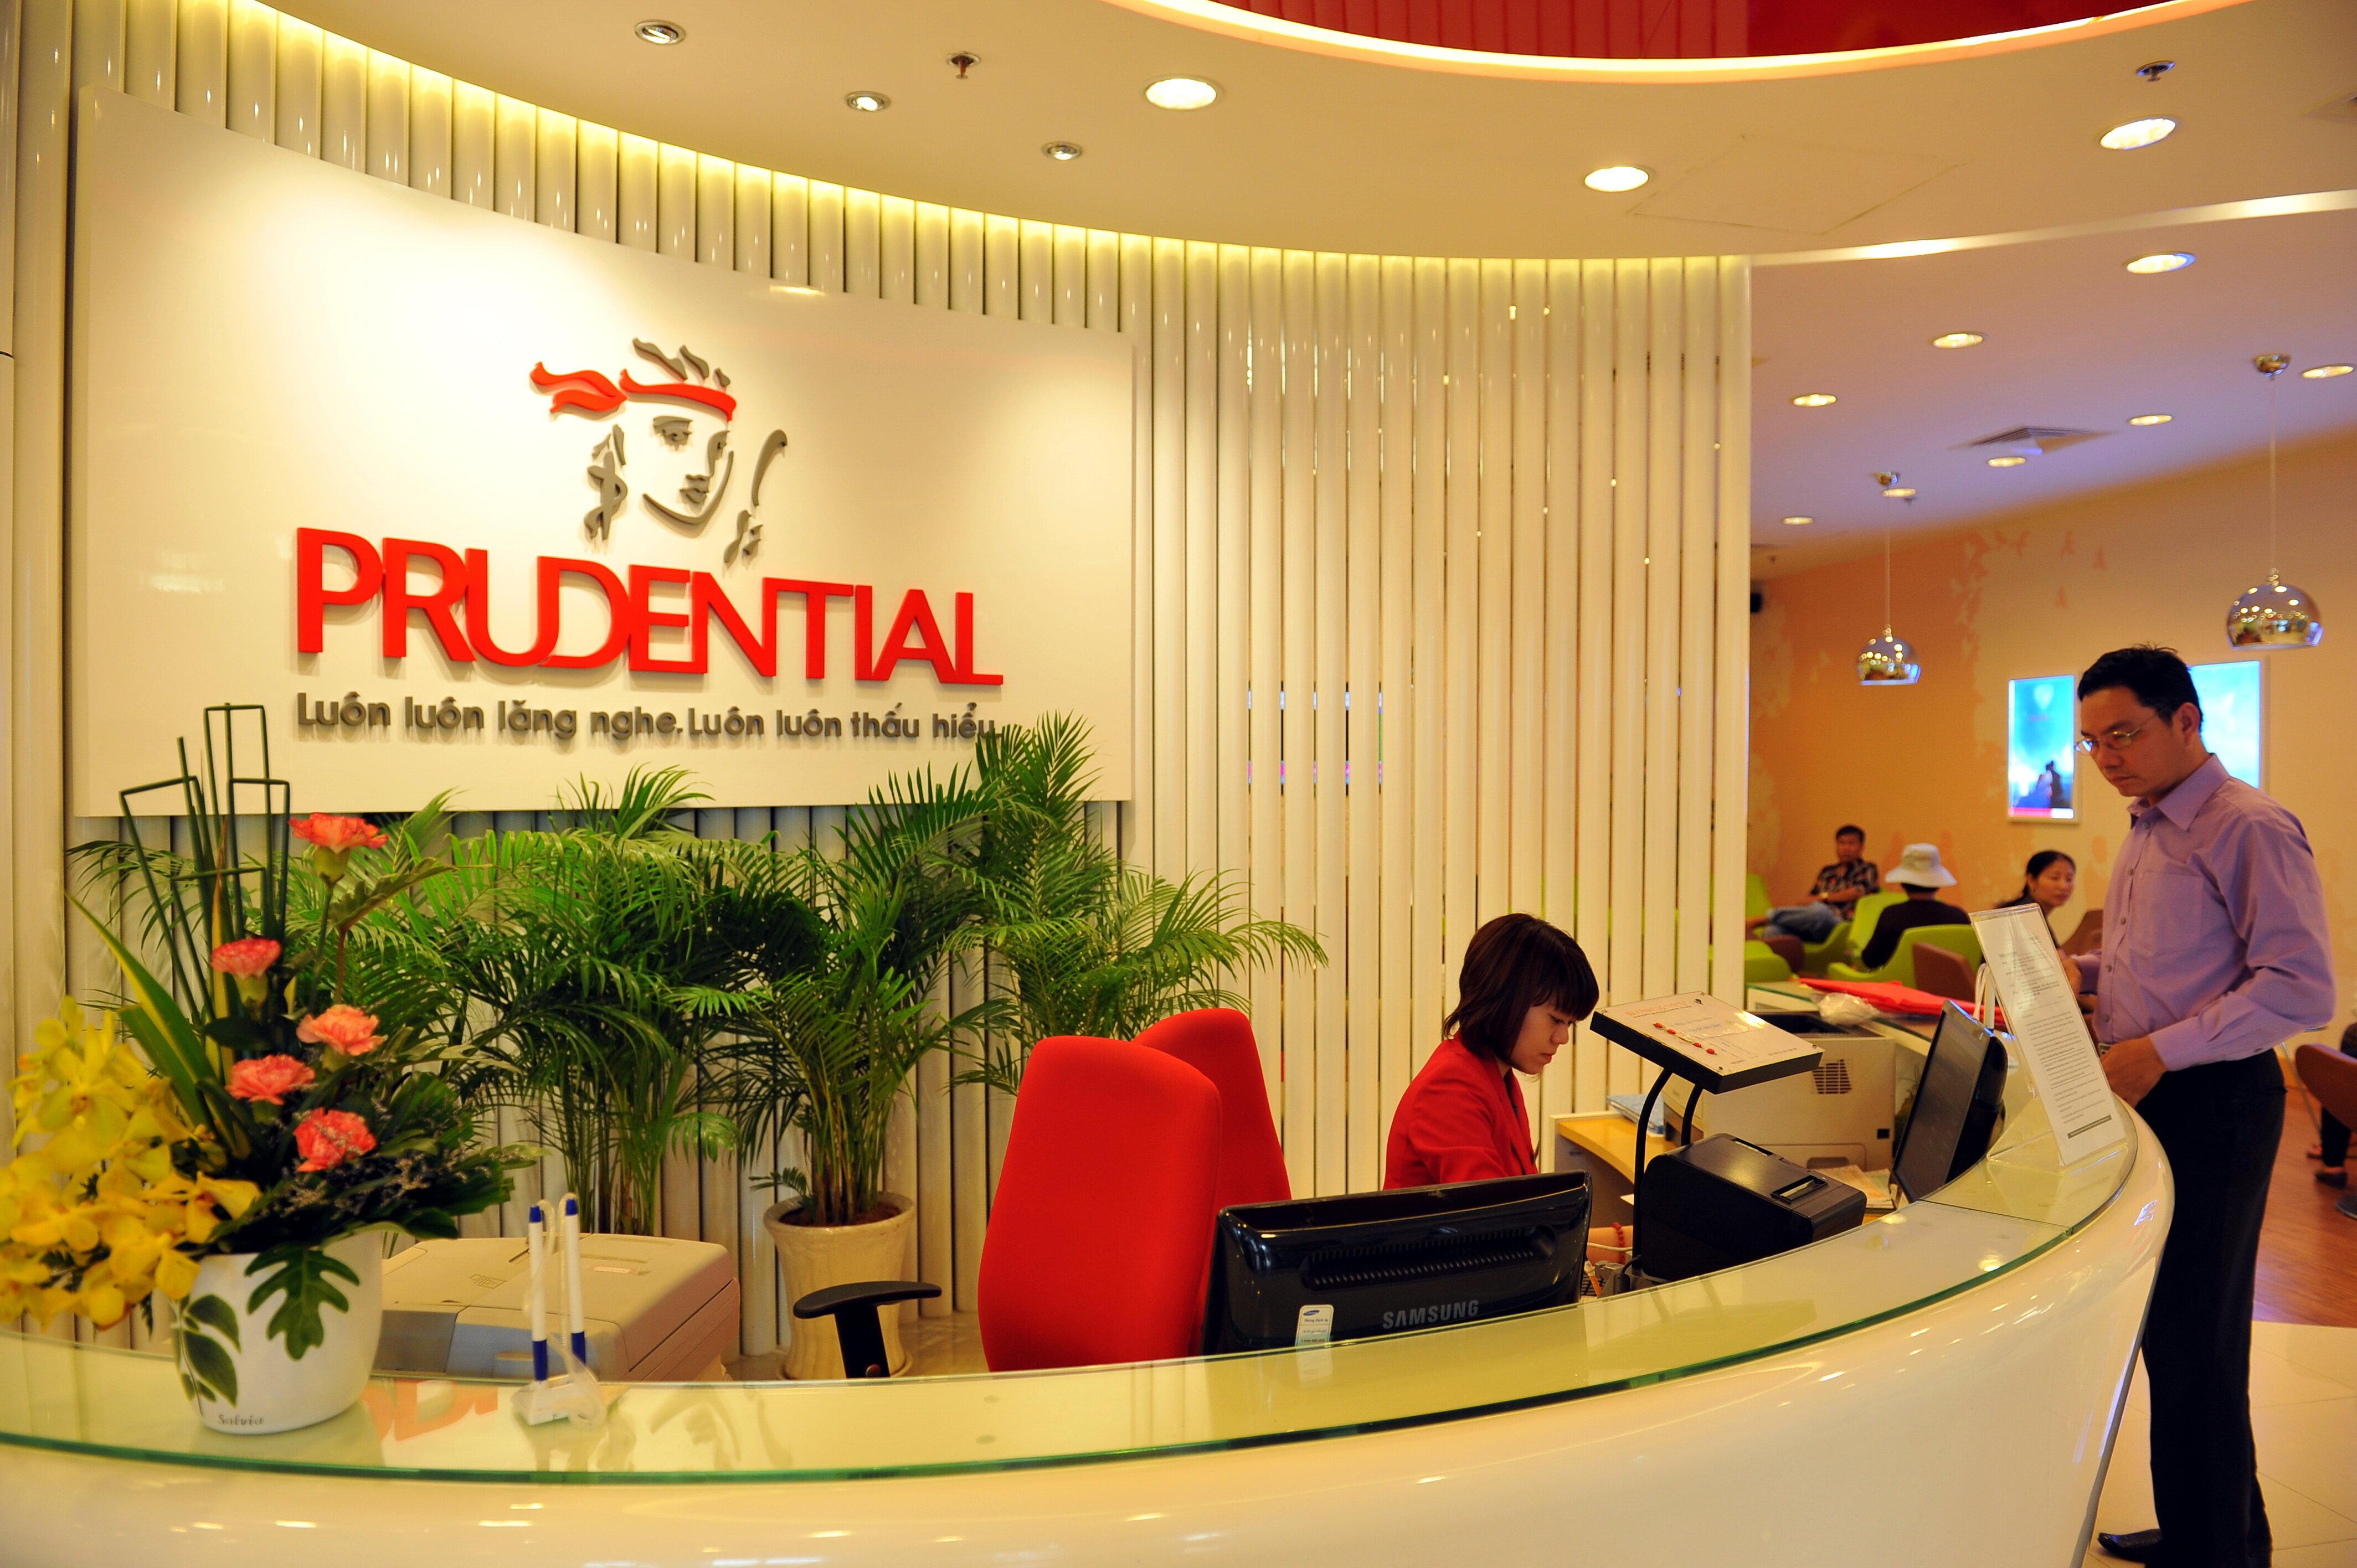 Giới thiệu sản phẩm vay tiêu dùng cá nhân không tài sản thế chấp Prudential